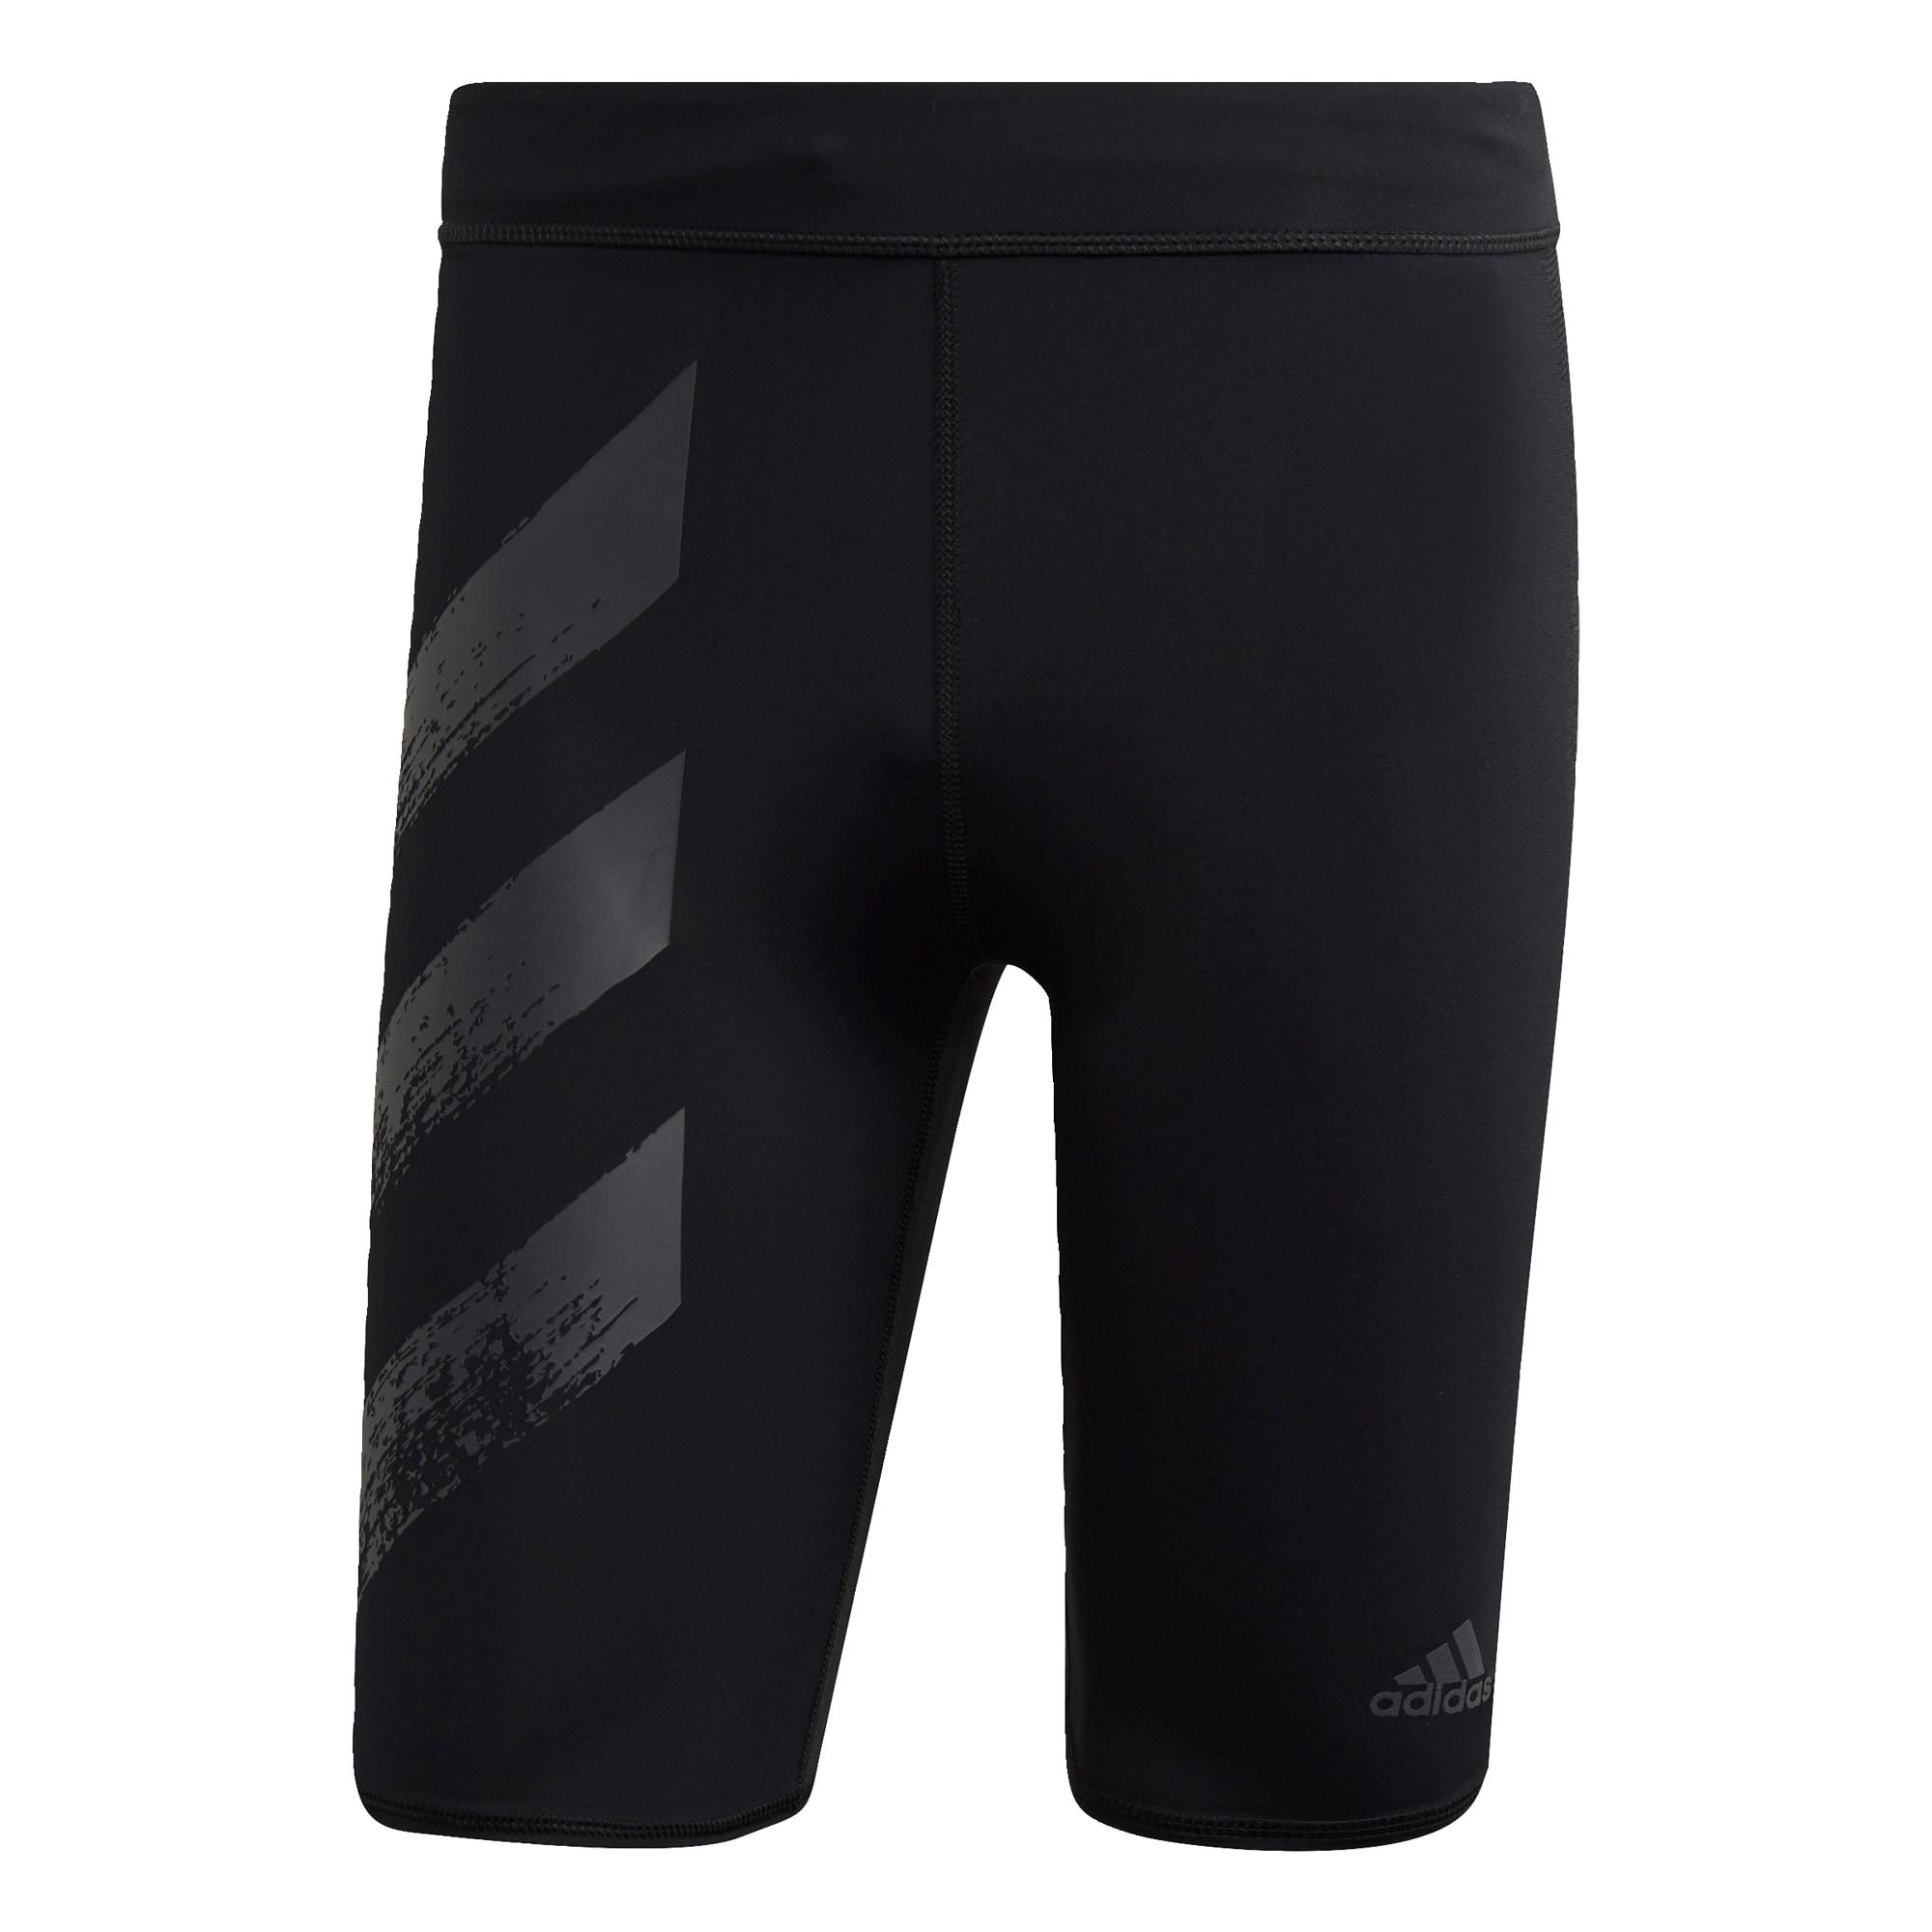 ADIDAS PERFORMANCE Sportinės kelnės juoda / pilka